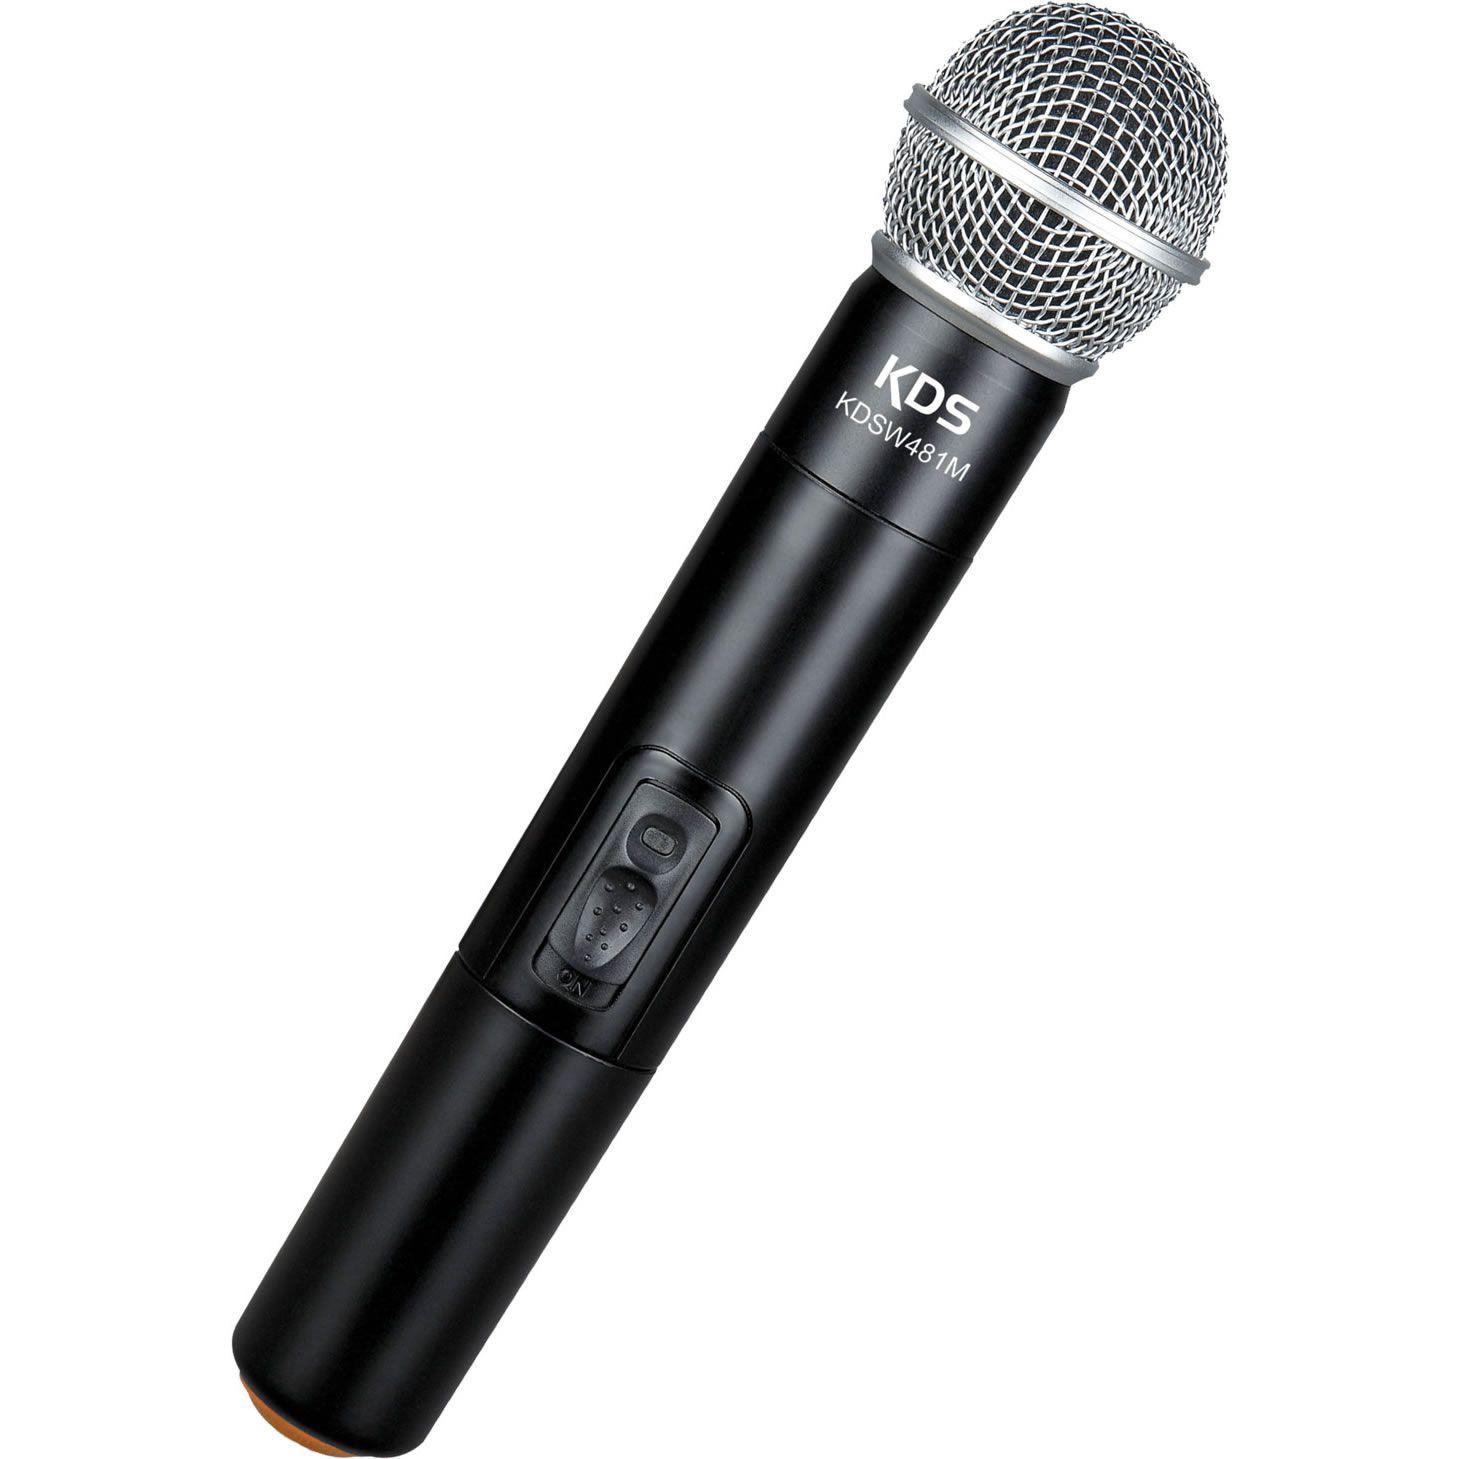 Microfone KADOSH Sem Fio Duplo de Mão UHF 16 Canais KDSW-482MM